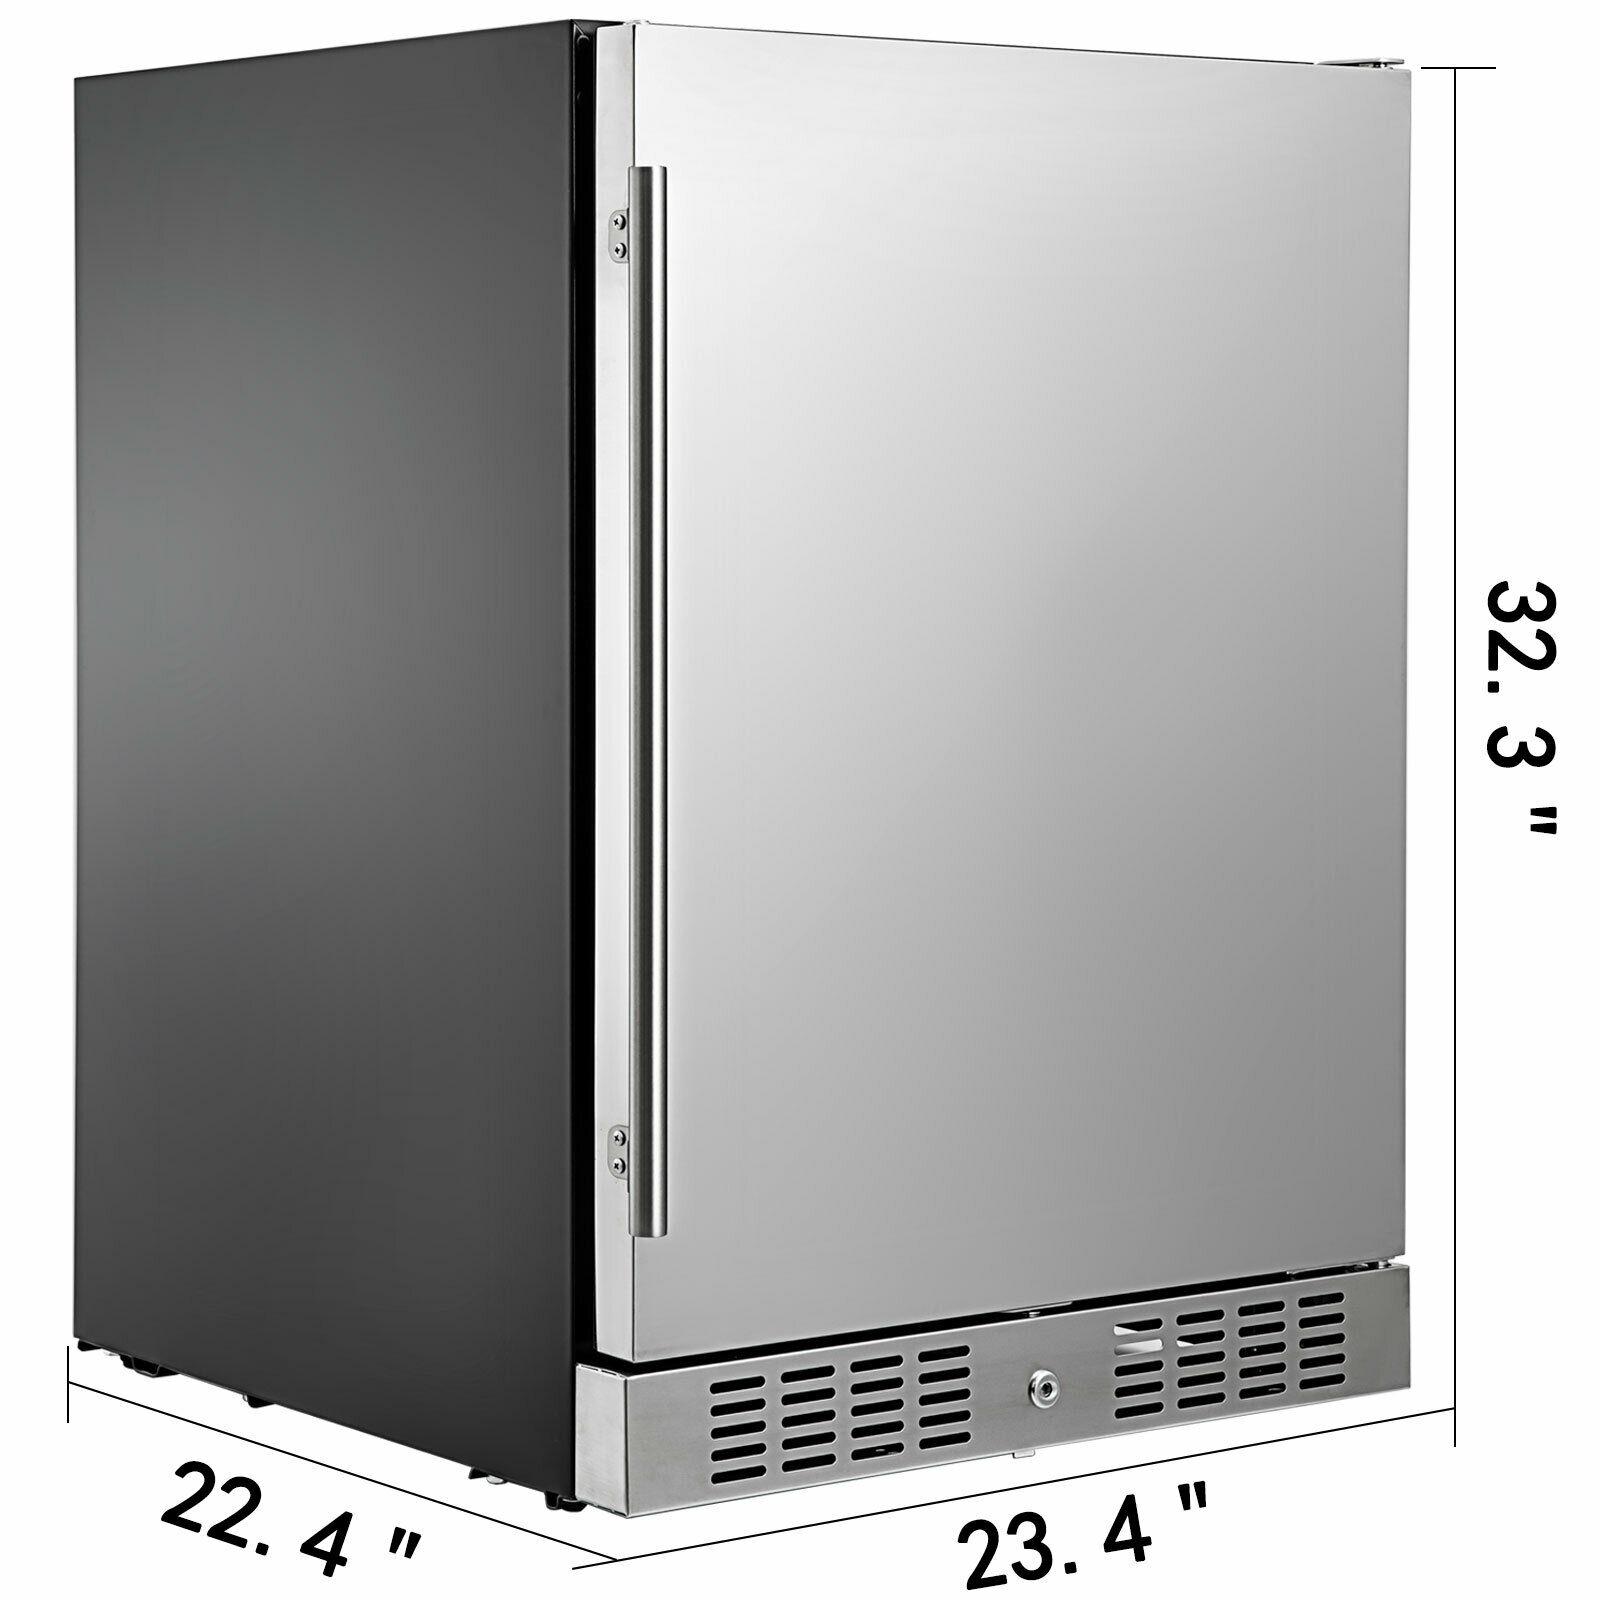 VEVOR небольшой холодильник сода и пива реверсивная дверь Нержавеющаясталь мини-холодильник с морозильной камерой для Офис коммерческого применения внутри помещений Применение 6